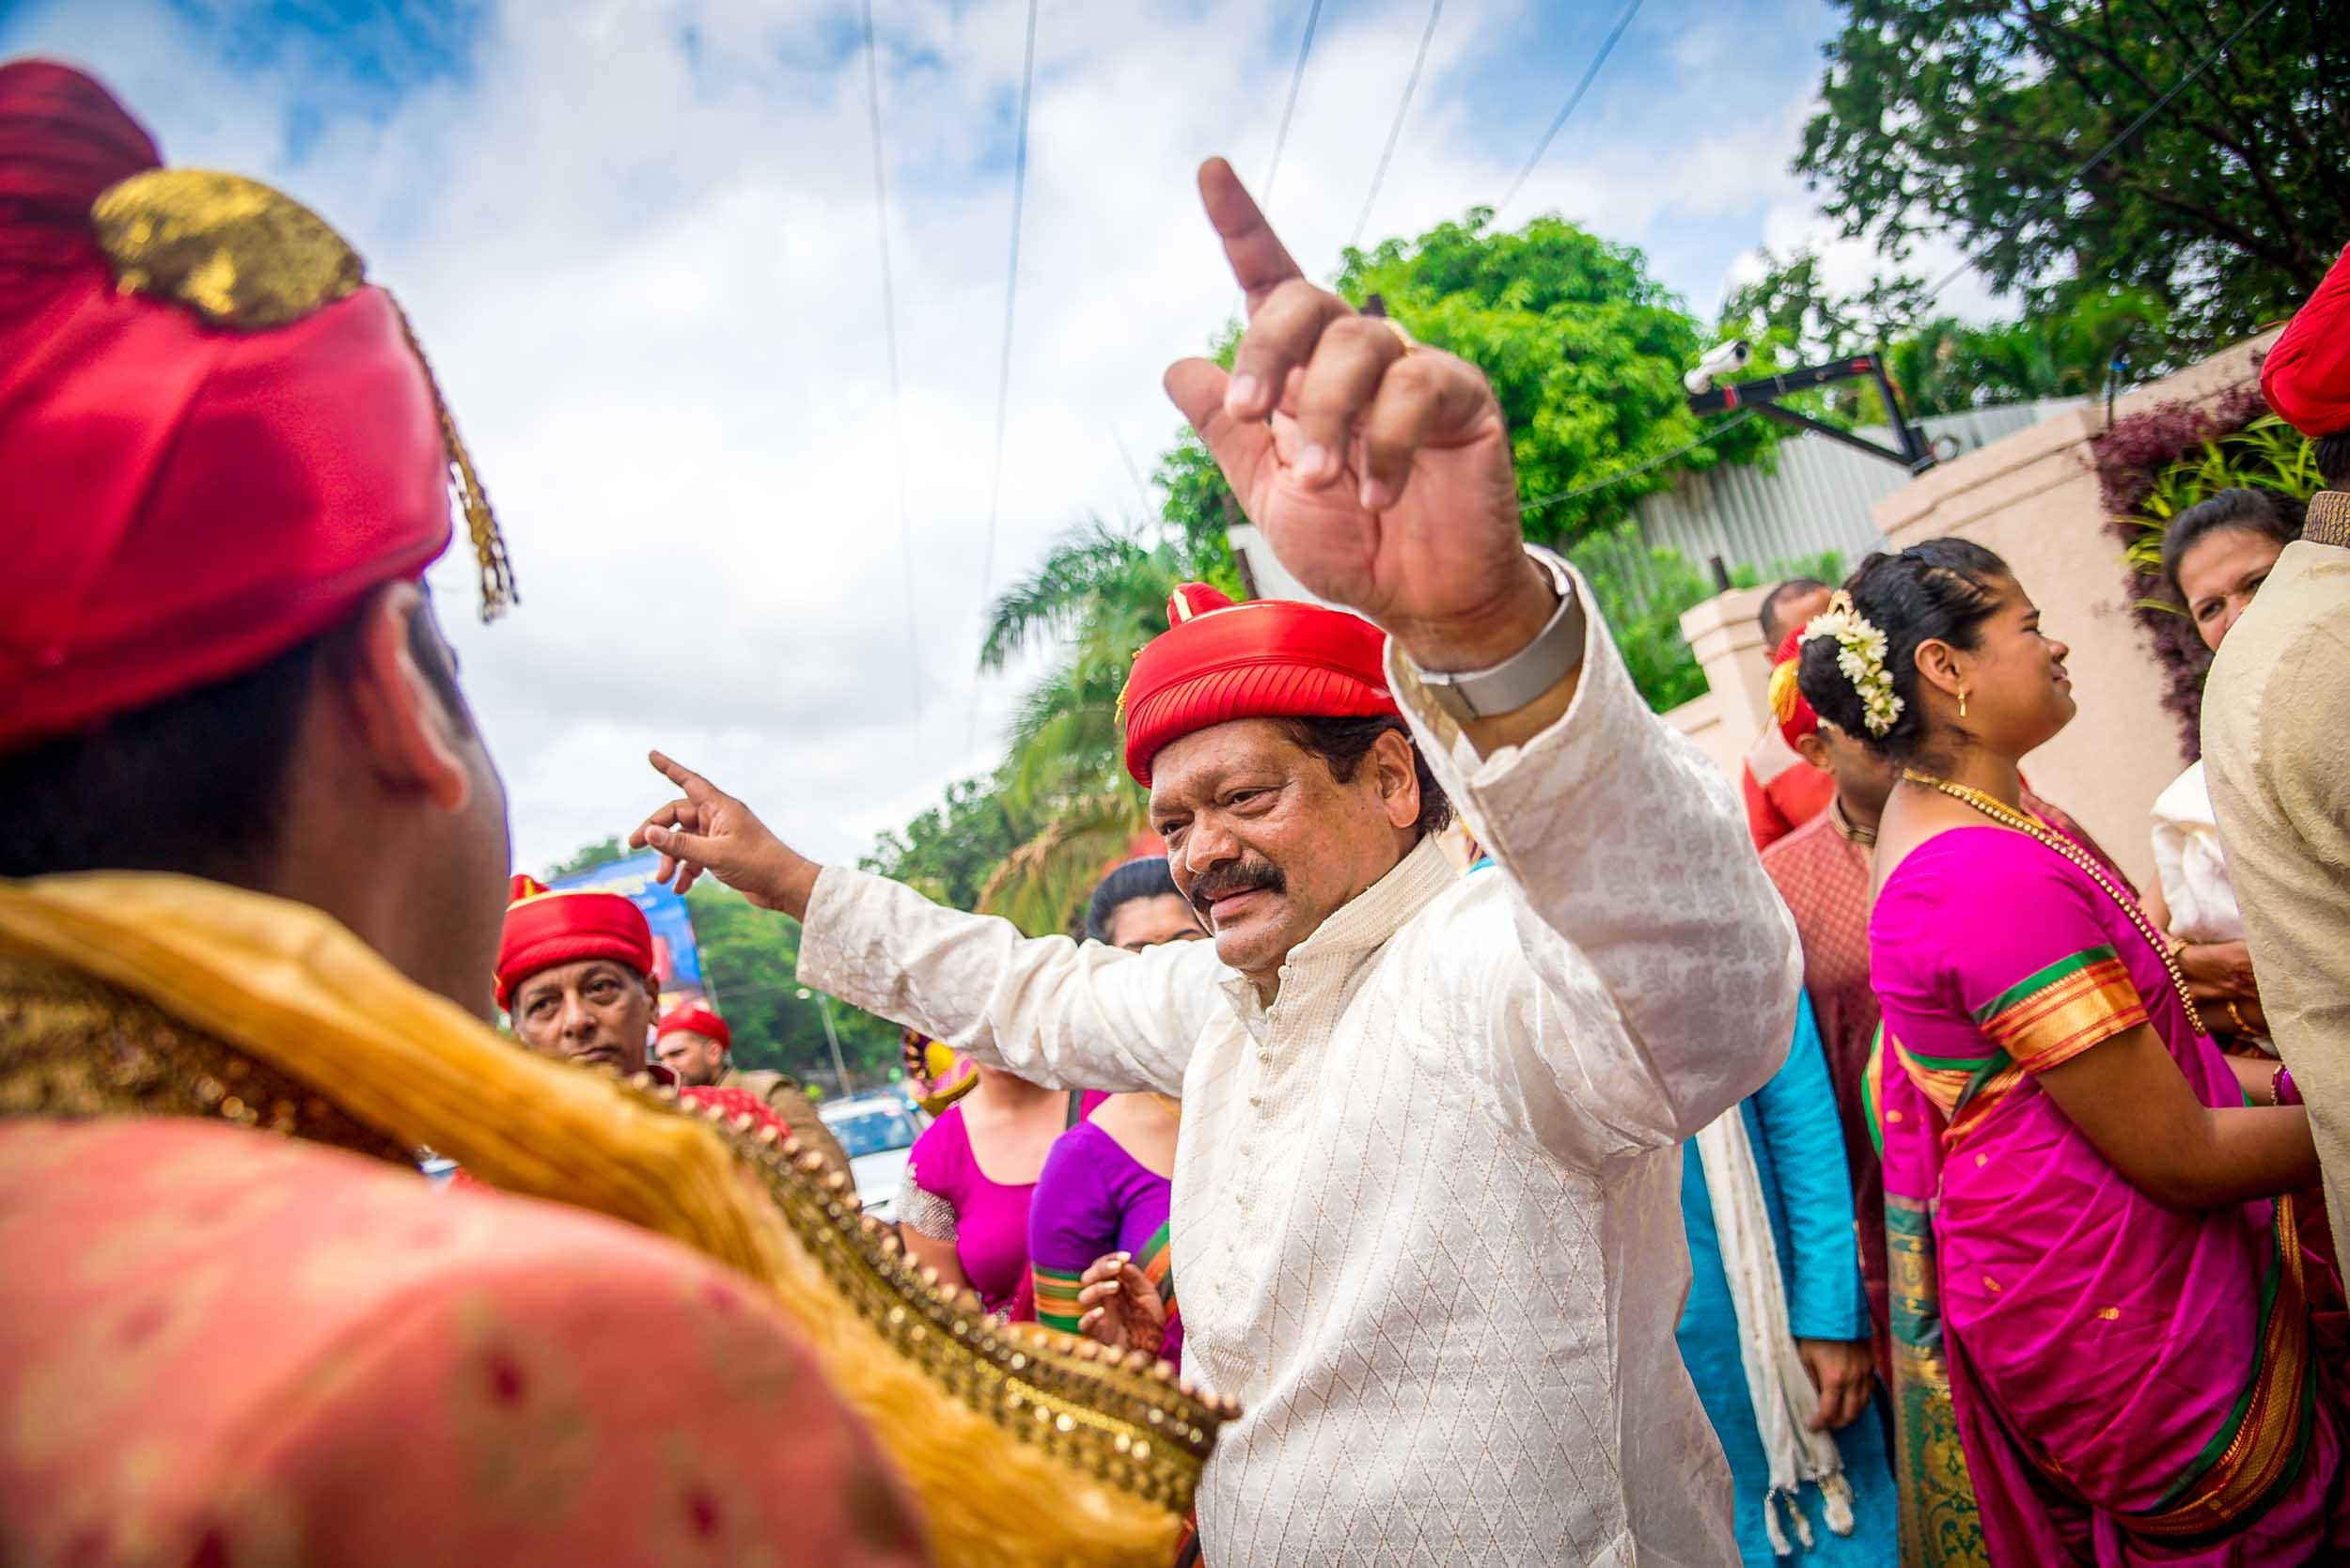 mumbai-pune-wedding-32.jpg